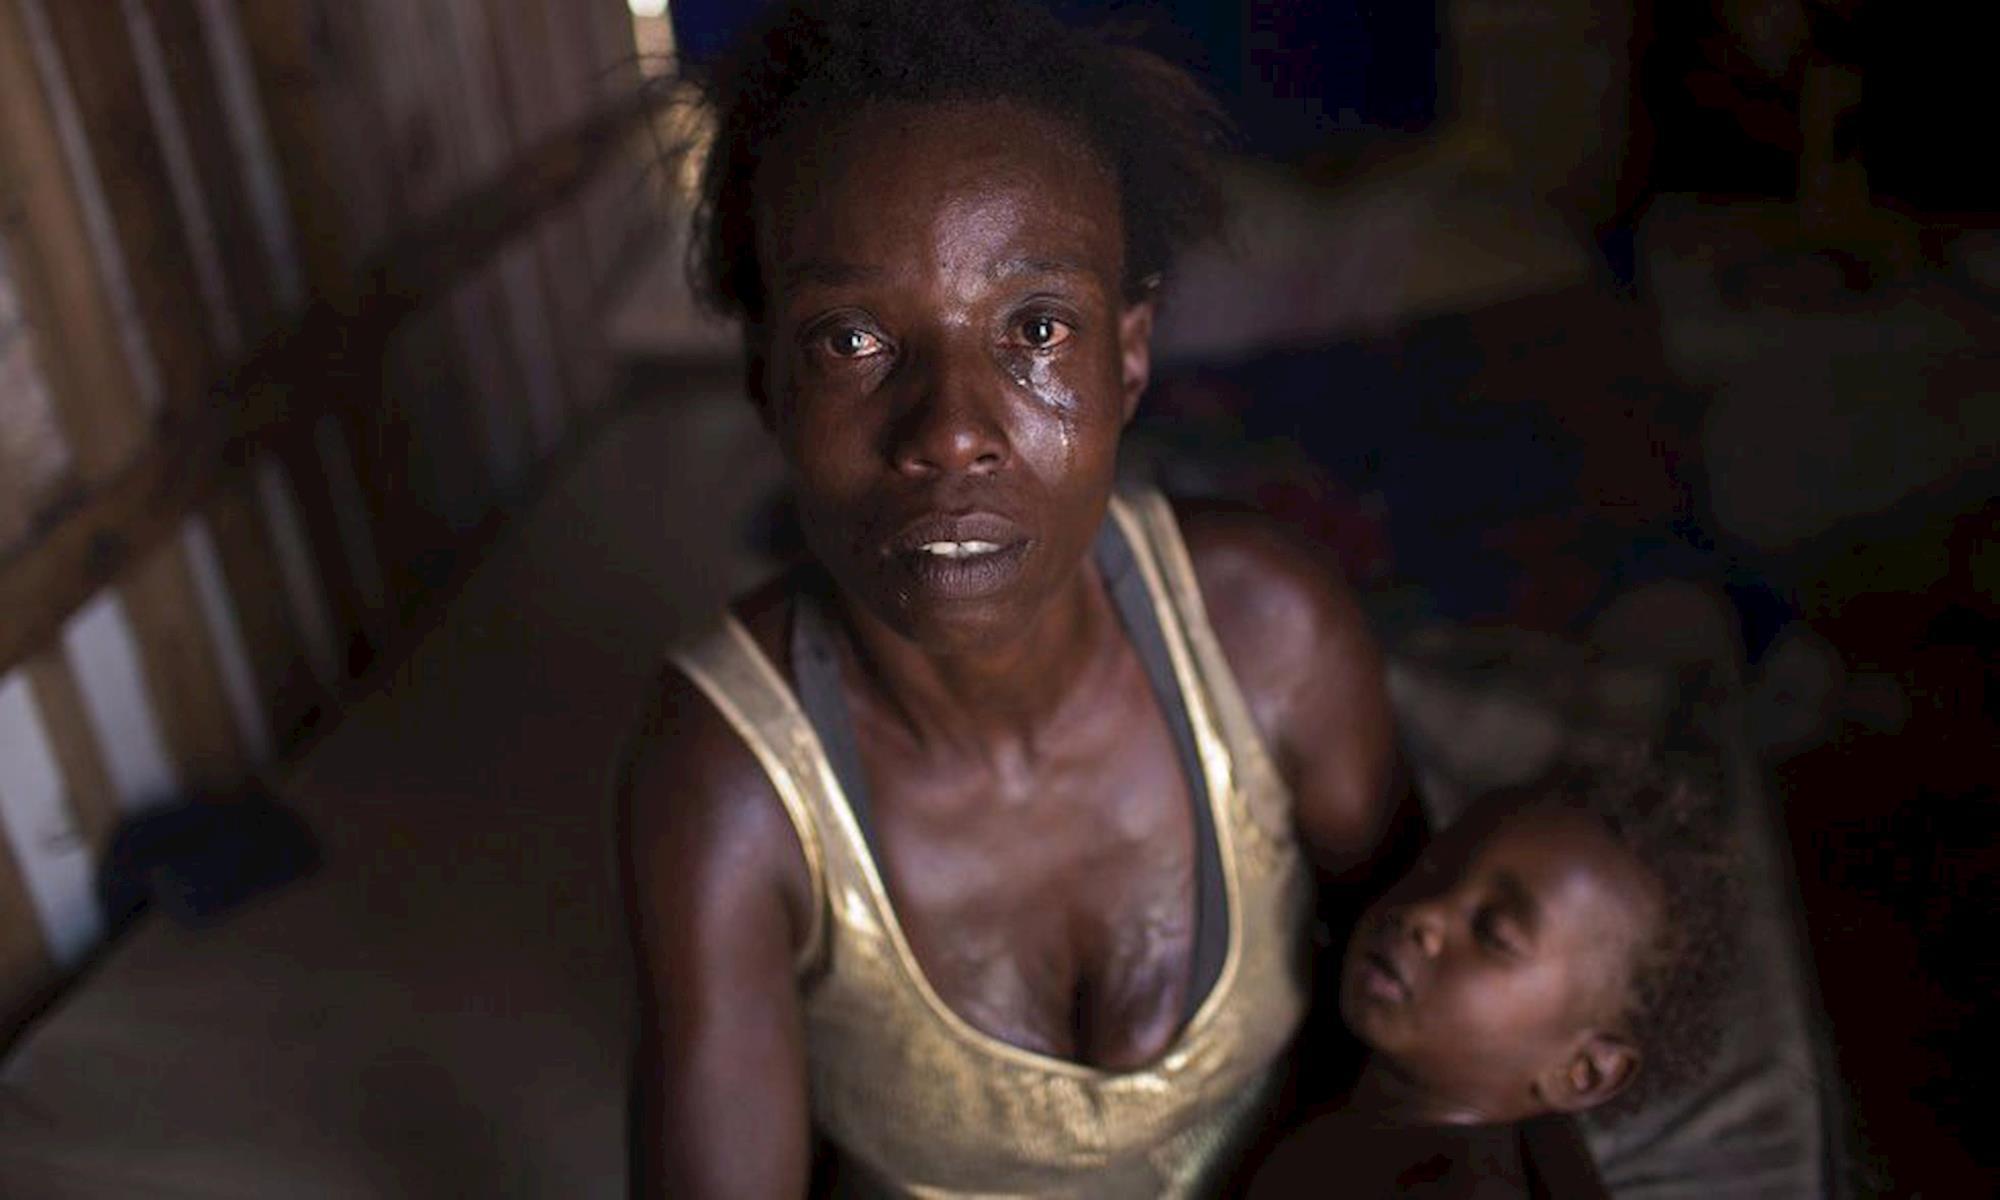 pobreza, fome, SILVIA IZQUIERDO (AP)